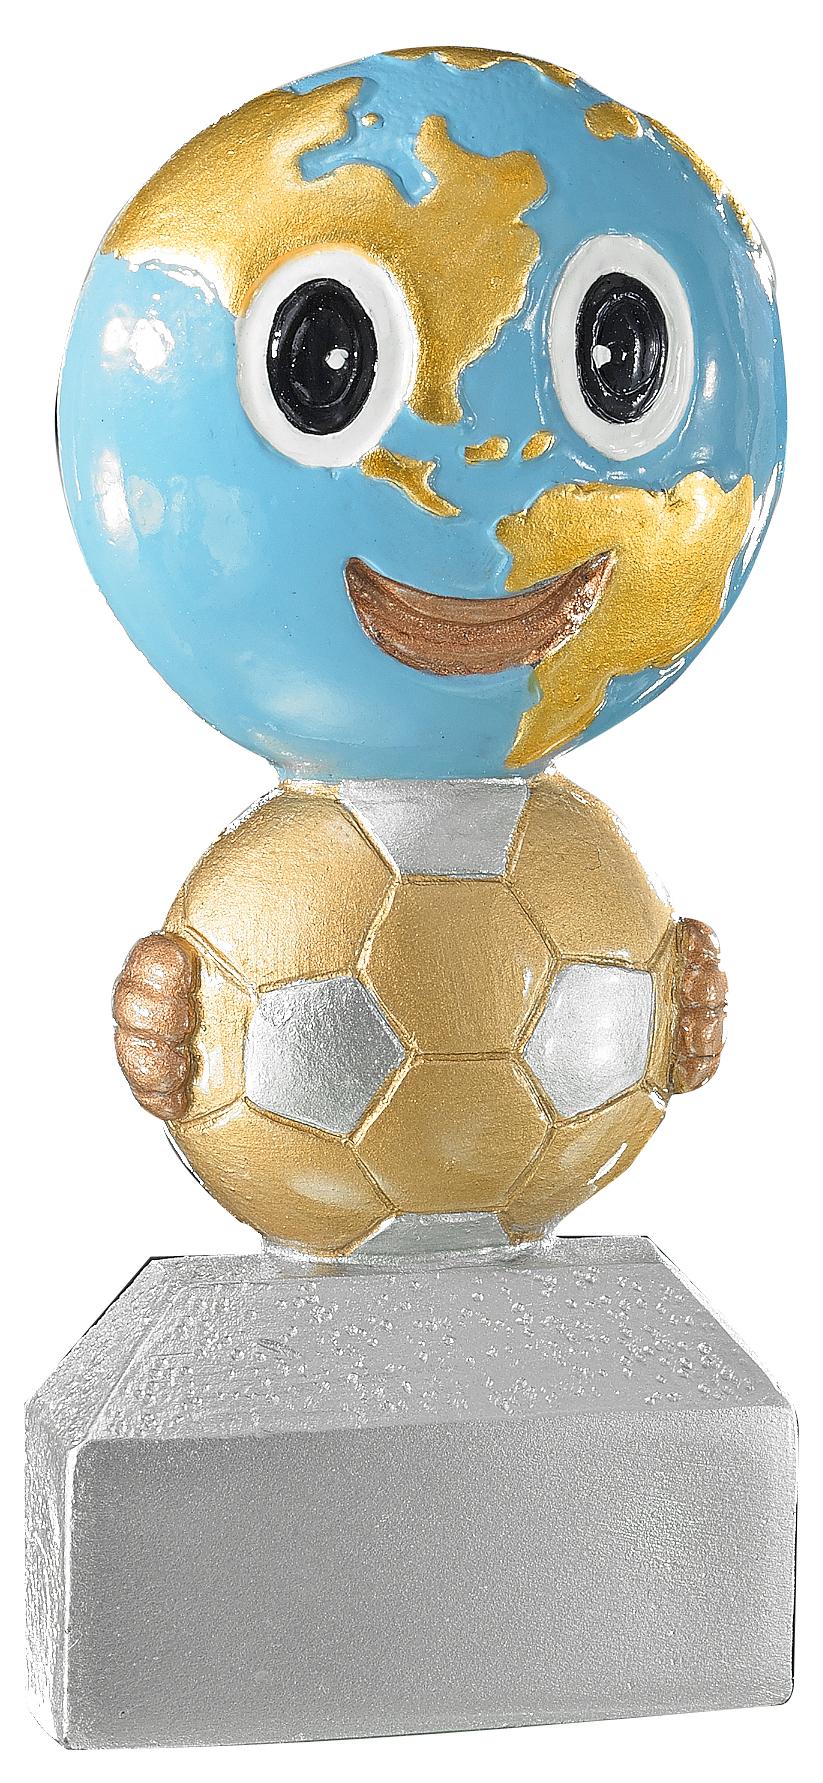 Pokal Fußballfigur Kinder 13cm Figuren Pokal ohne Emblem